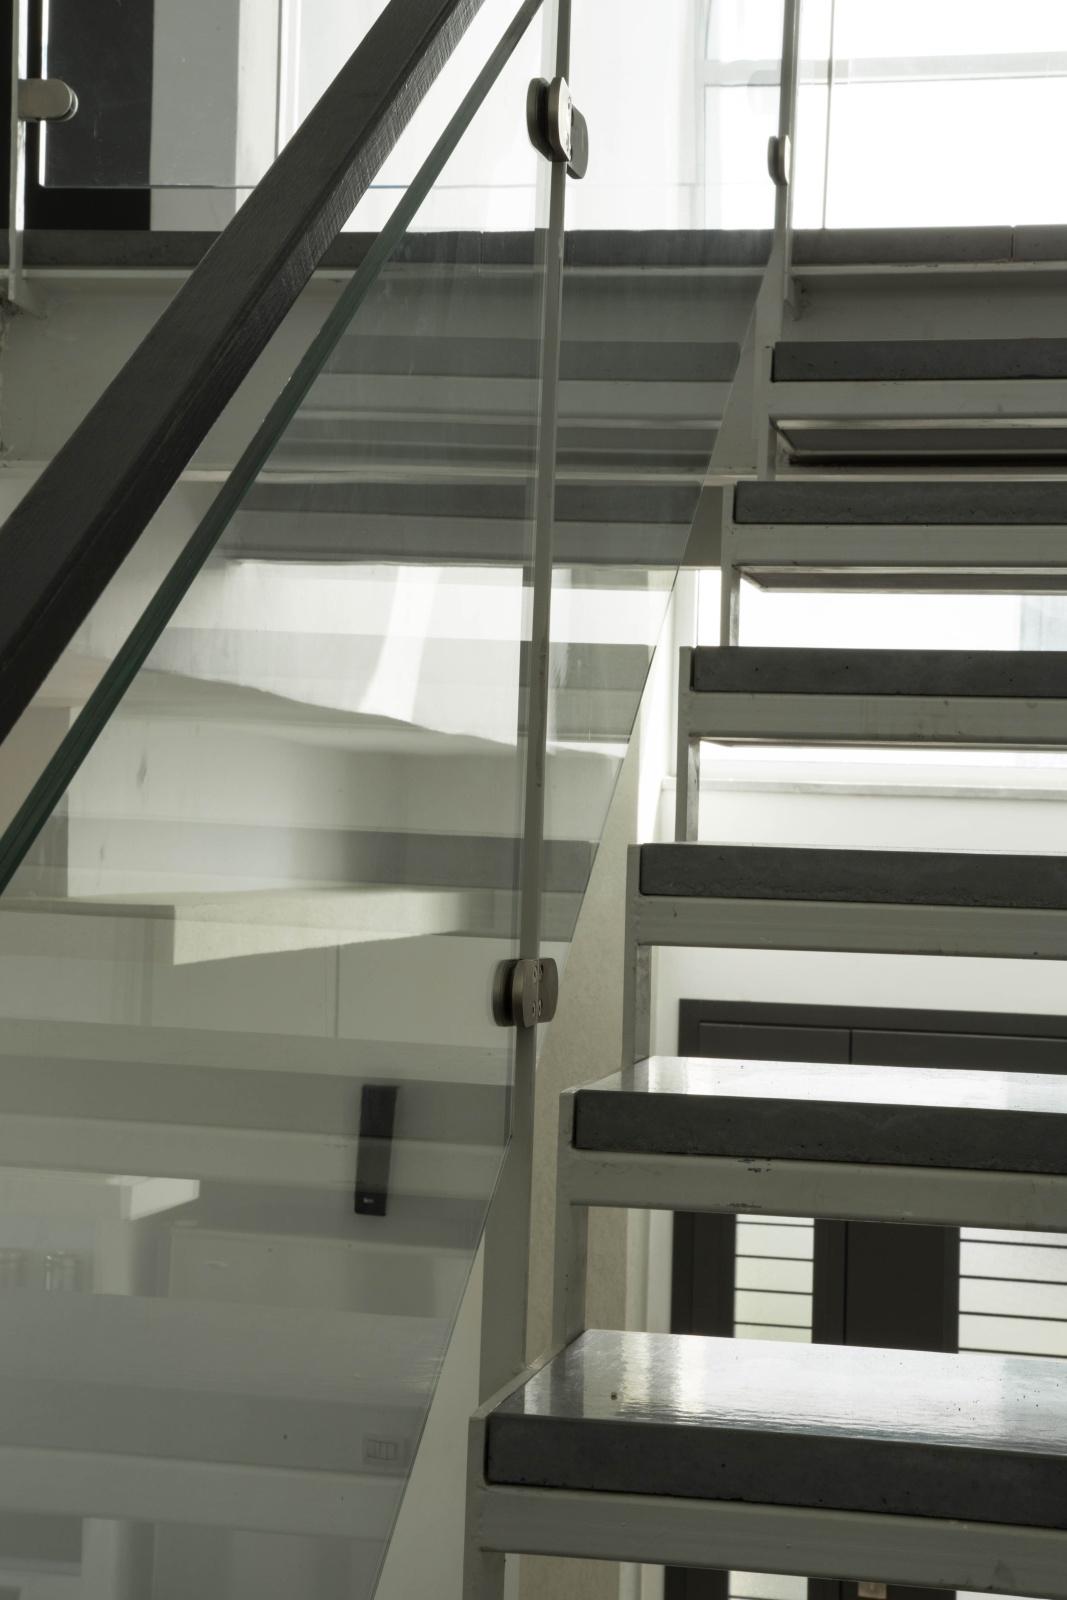 מדרגות ברזל ובטון. השתקפויות באדריכלות